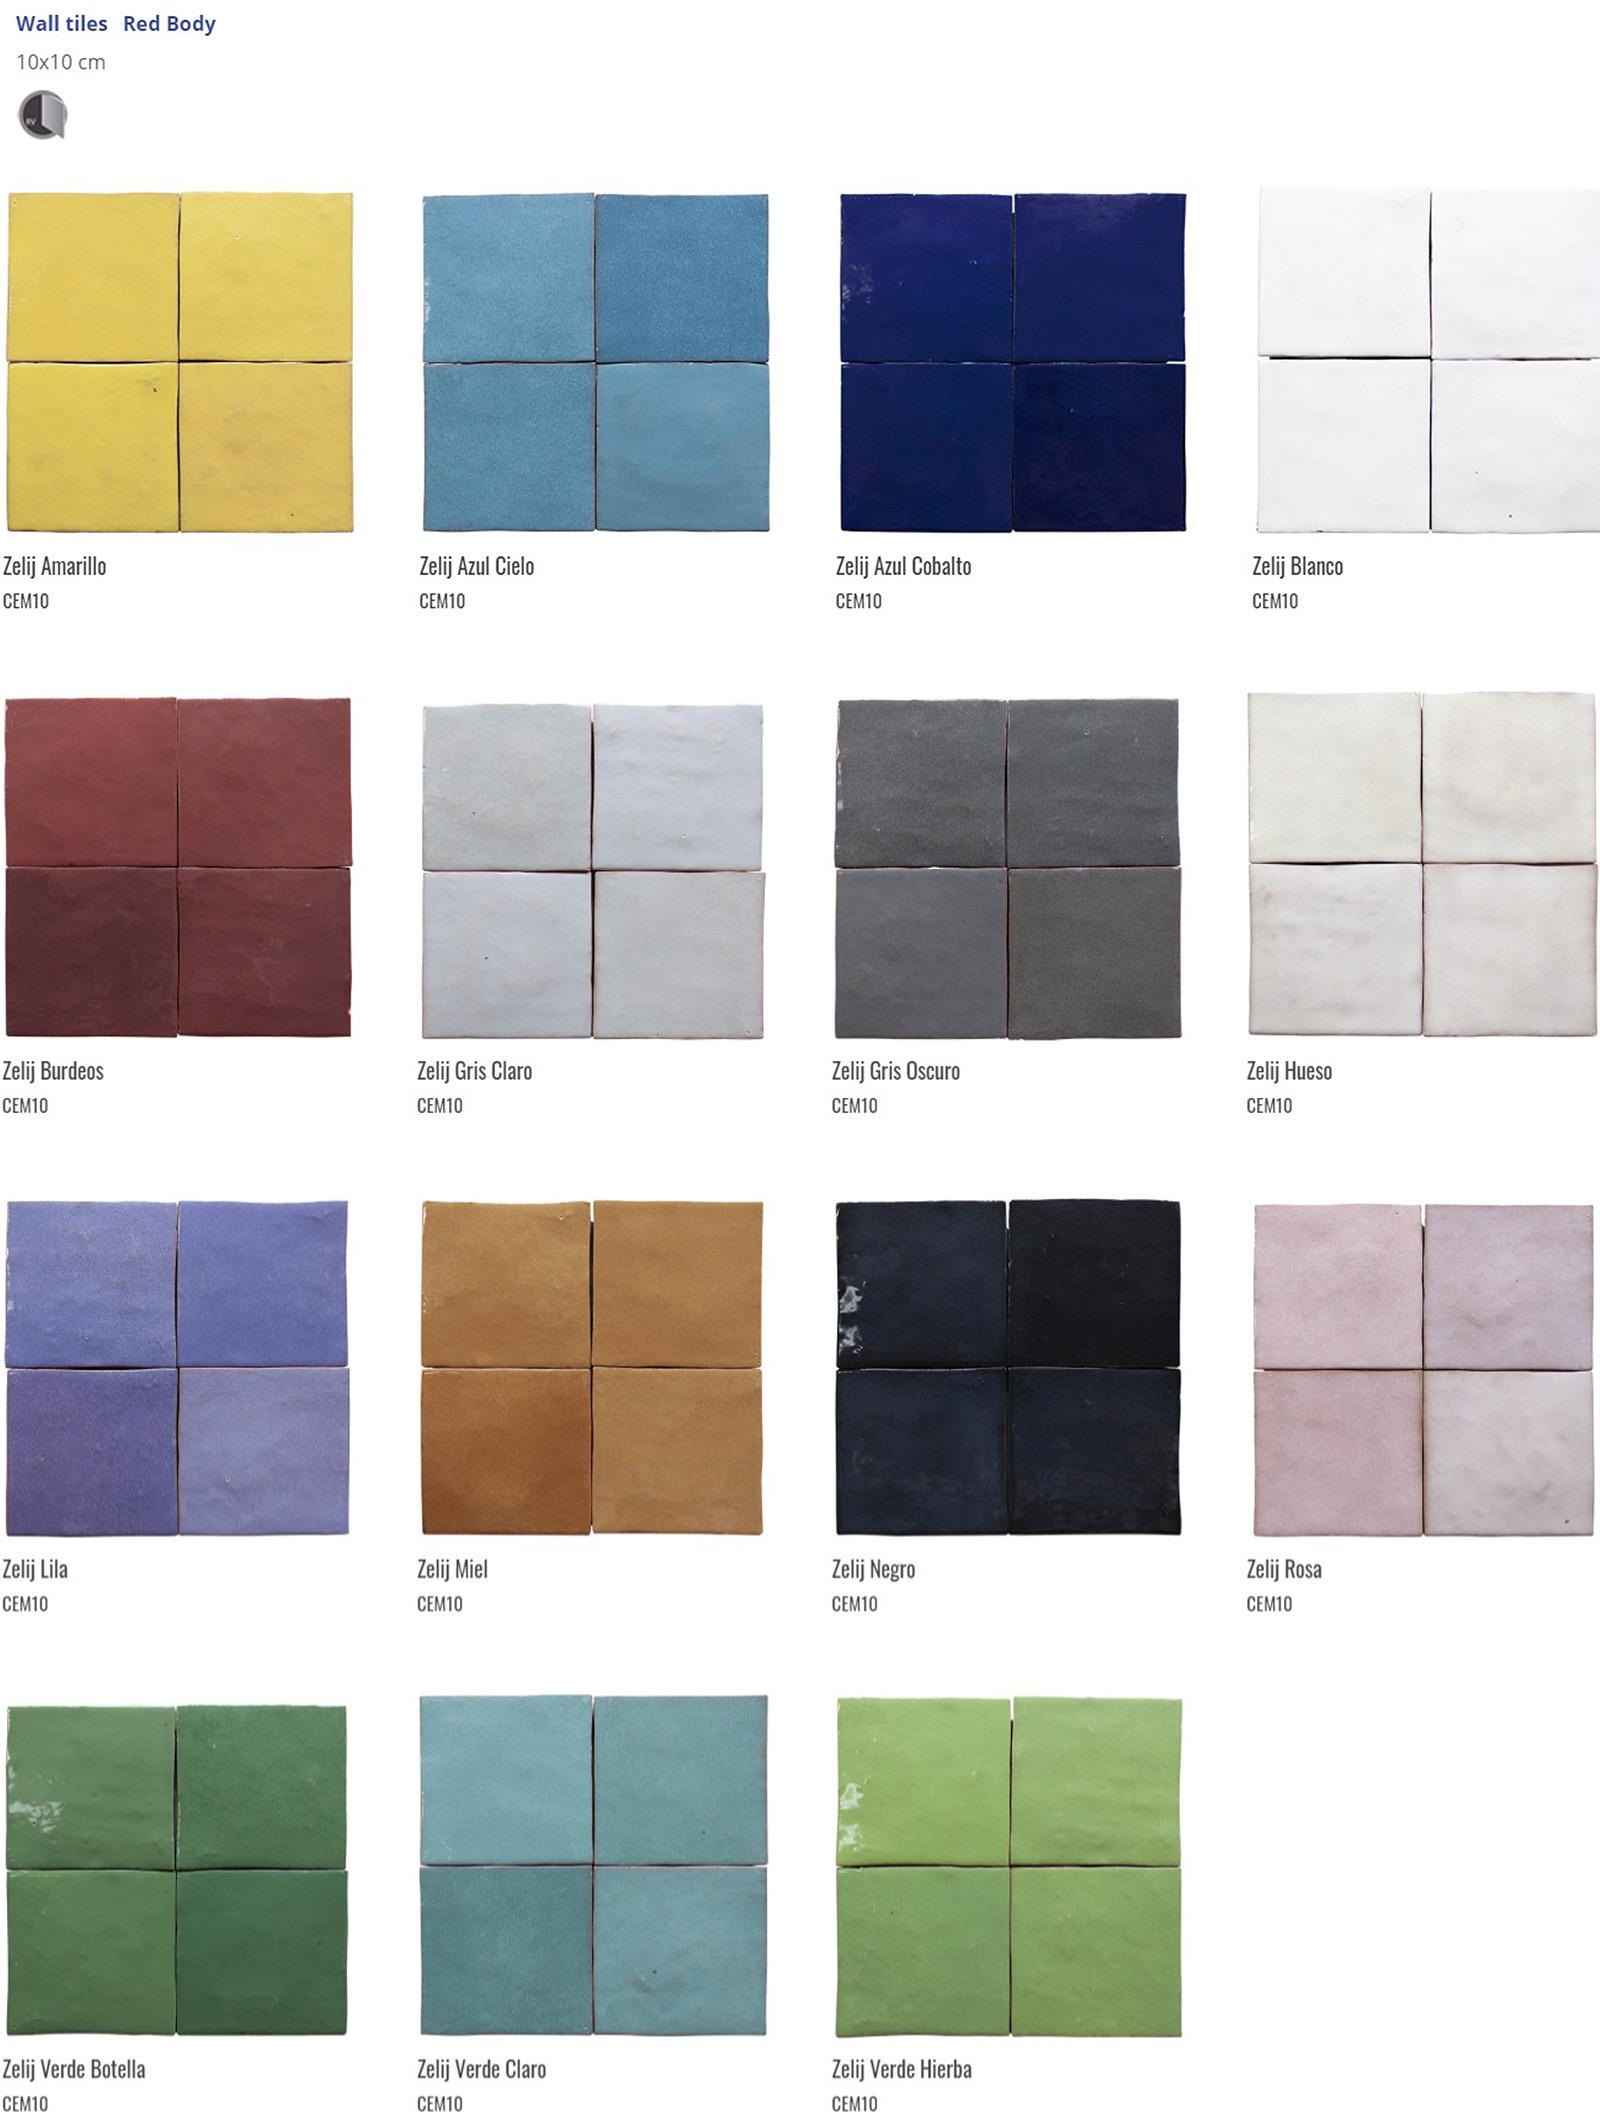 cevica-zelij-obklady-barevne-lesk-jako-rucne-vyrobene-do-koupelny-kuchyne-barvy